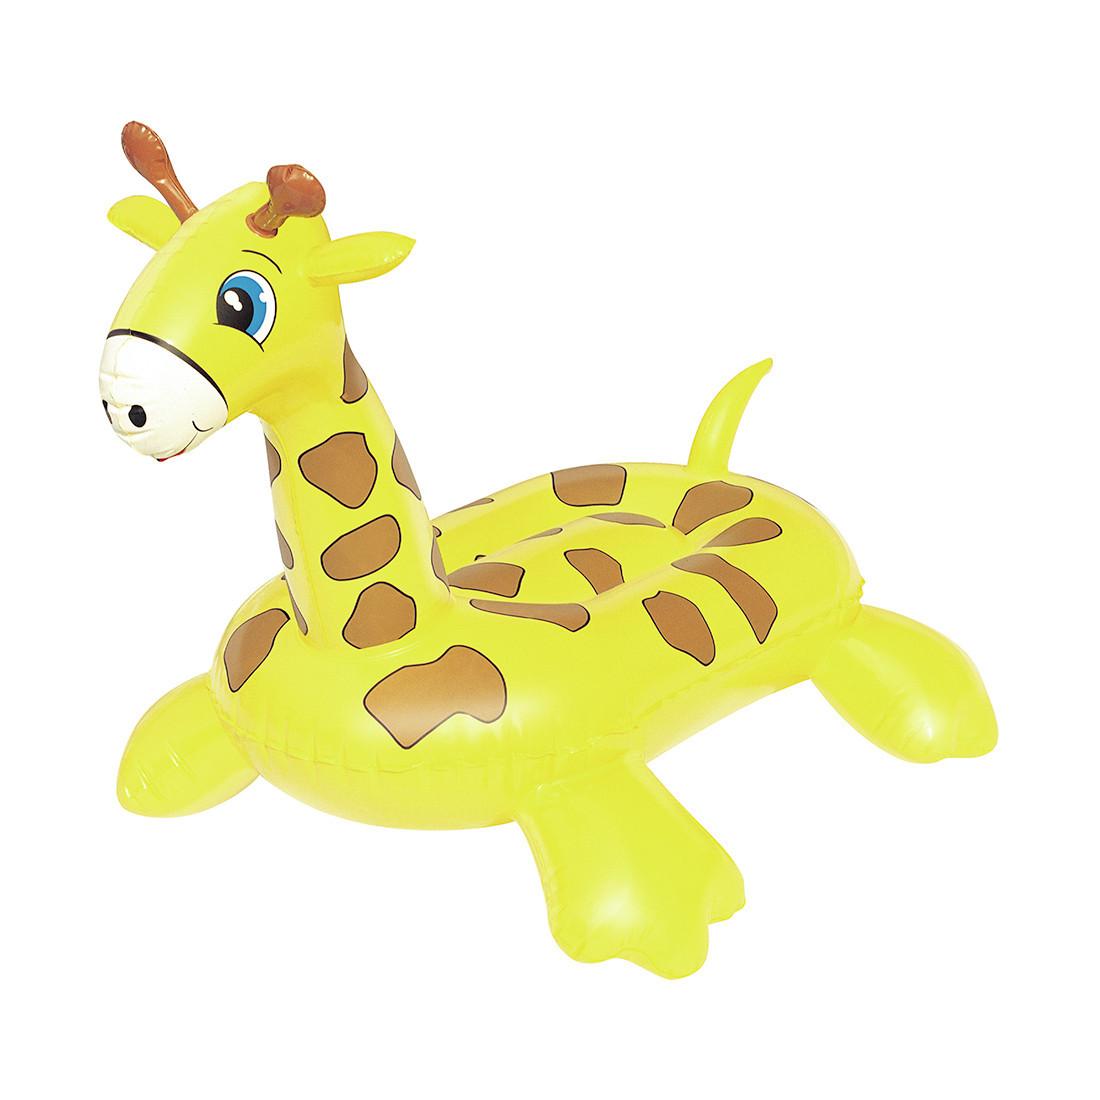 Надувная игрушка Bestway Жираф, 1 место Возрост: От 3 лет, Винил, Цвет: Жёлтый